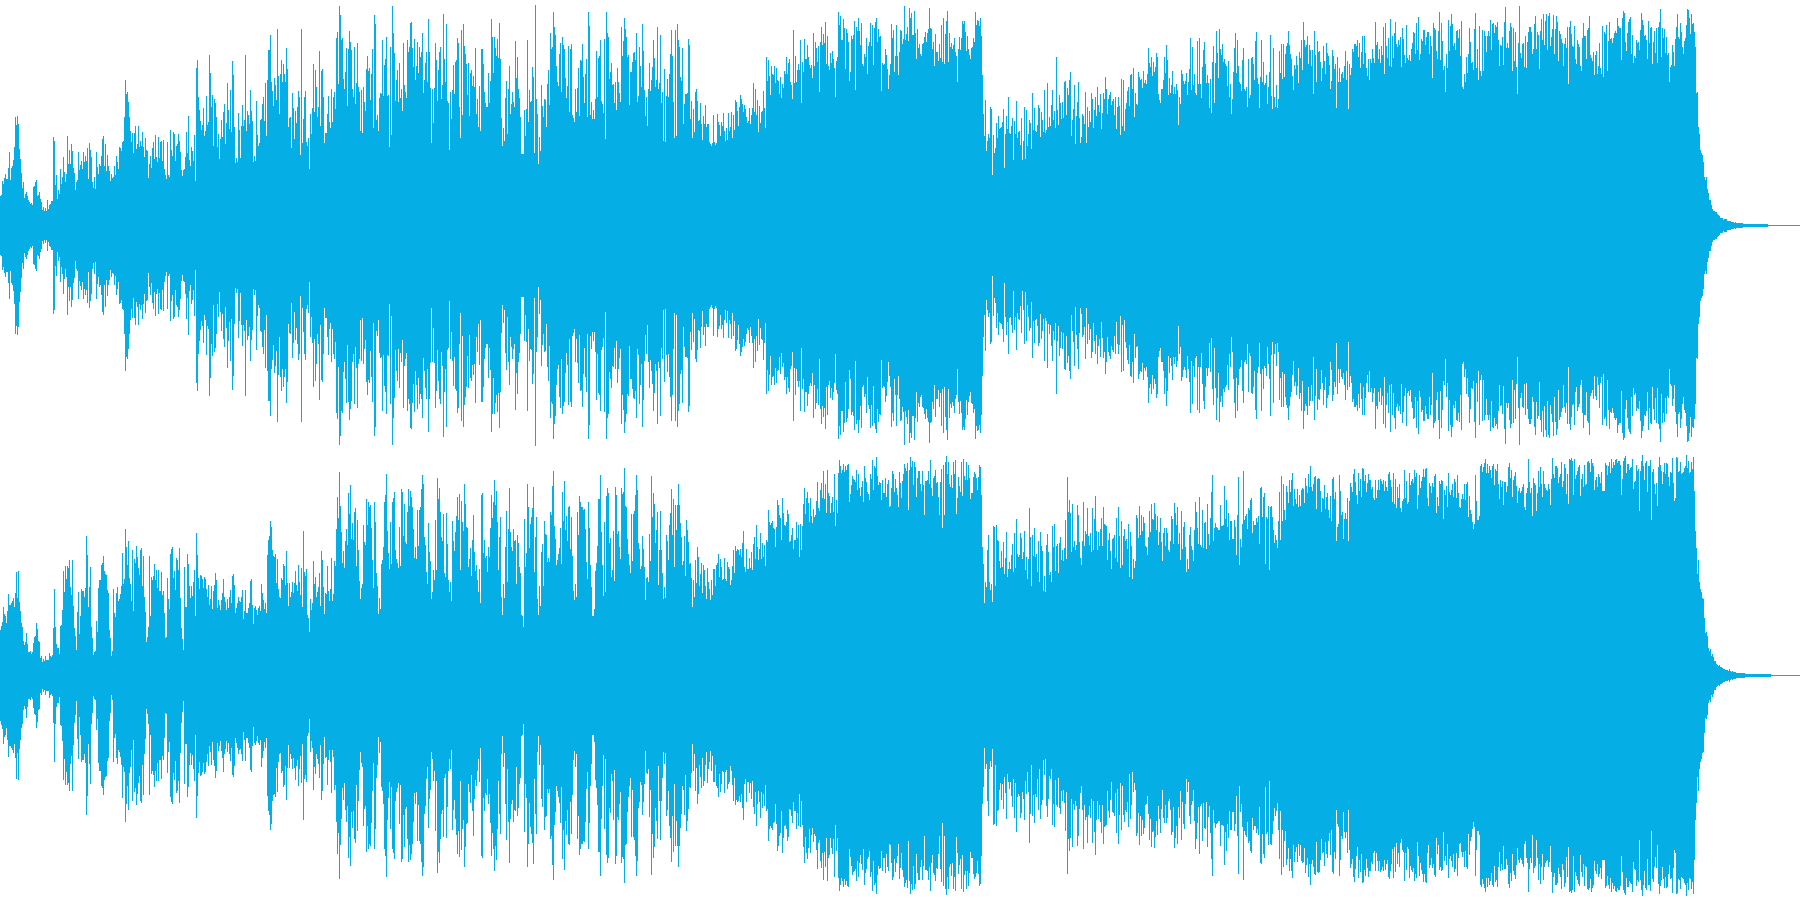 バトル オーケストラの再生済みの波形